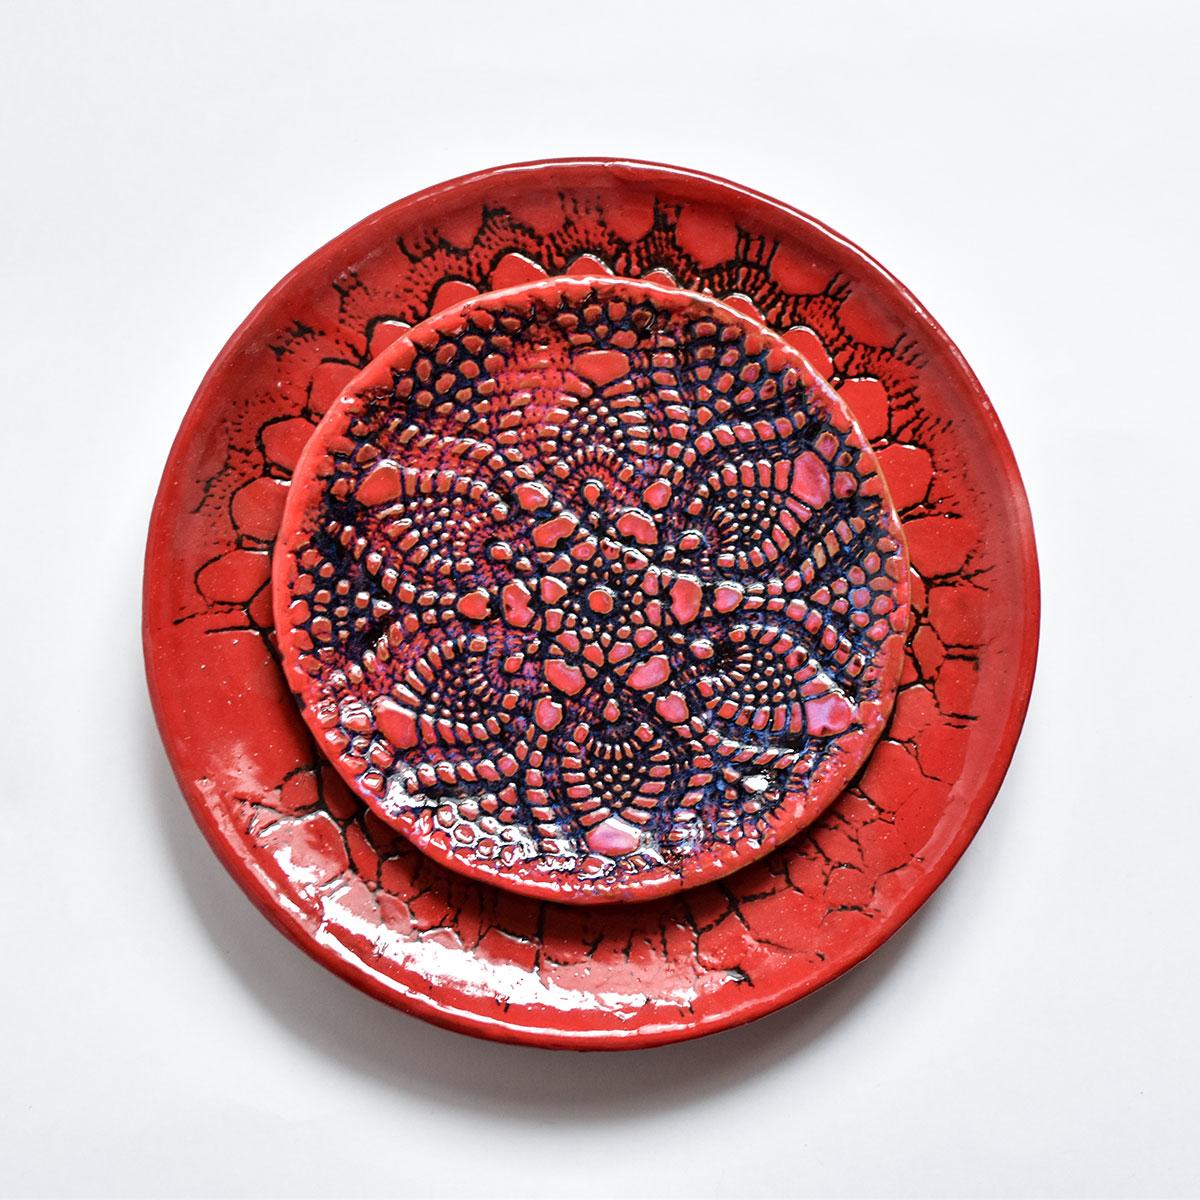 """картинка Кружевное блюдце ручной работы """"Огонь"""" 3 - DishWishes.Ru"""